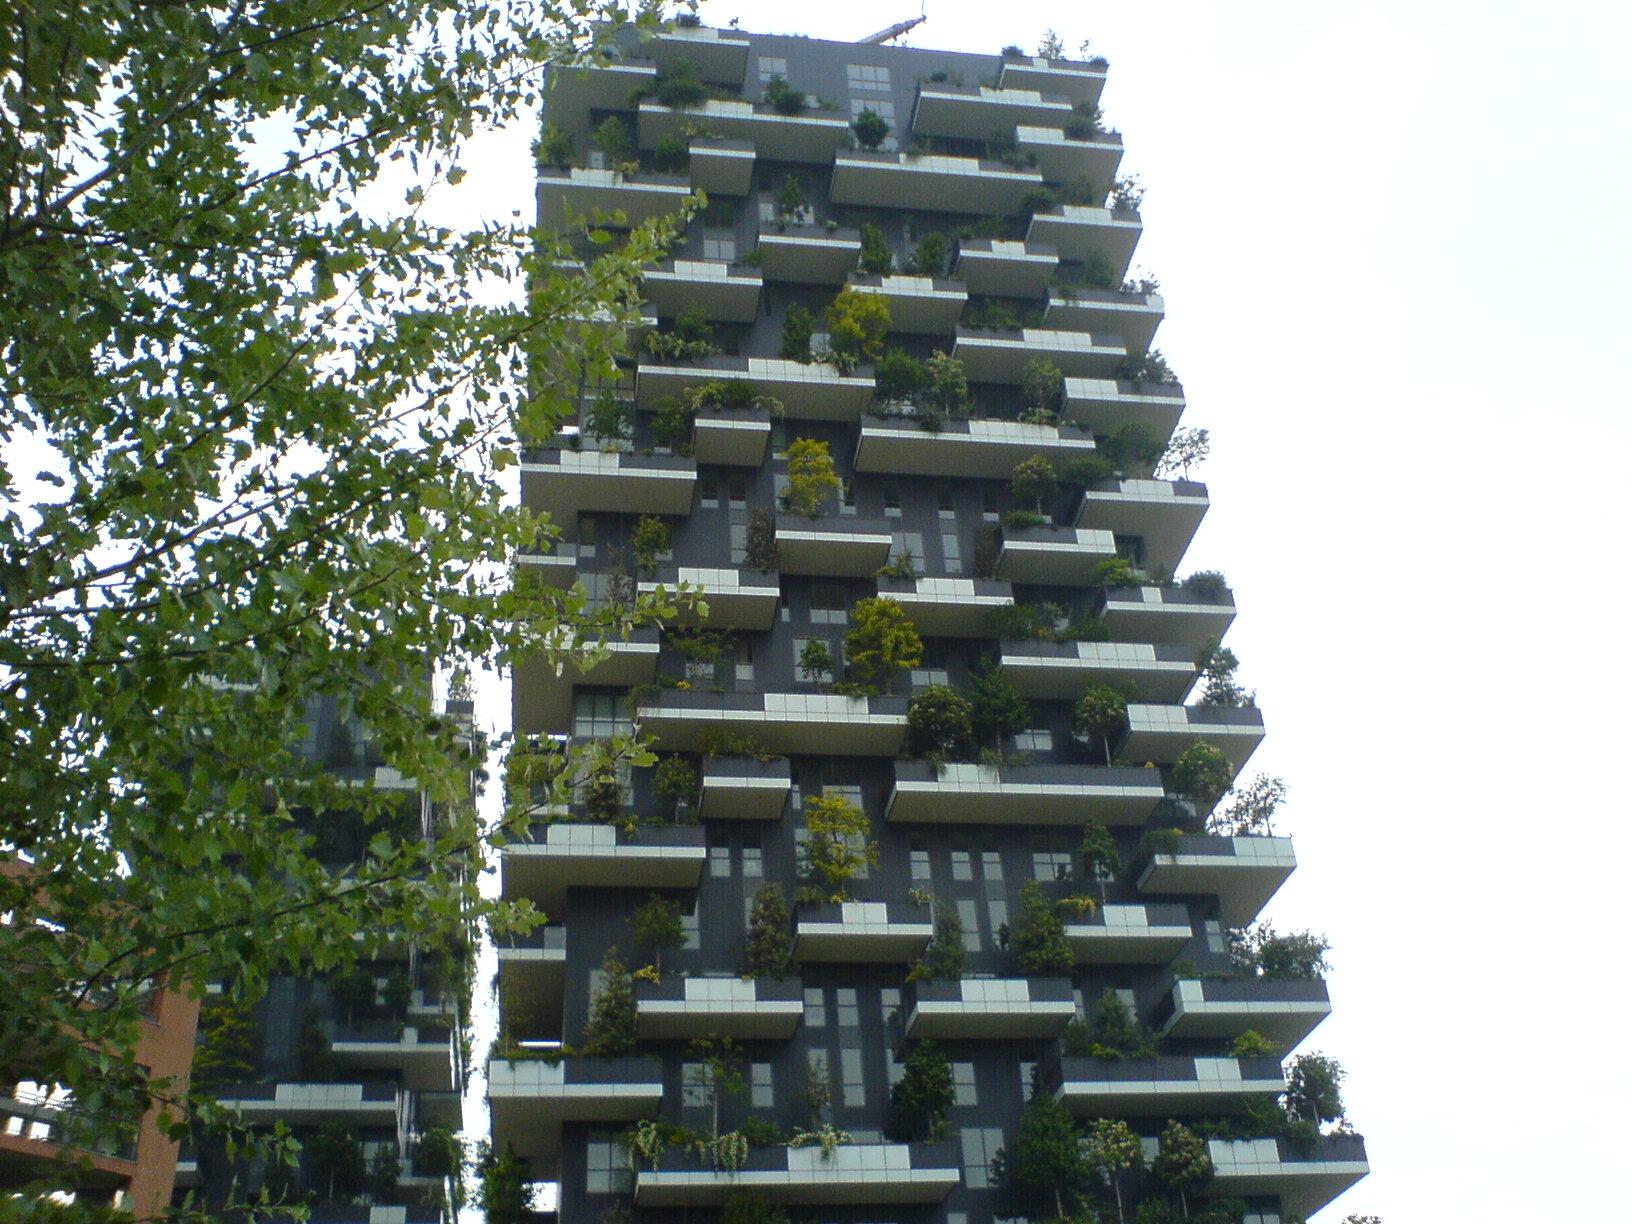 ミラノがどんどん好きになる。この10年で本当のデザイン都市になった印象。_c0061896_6344773.jpg